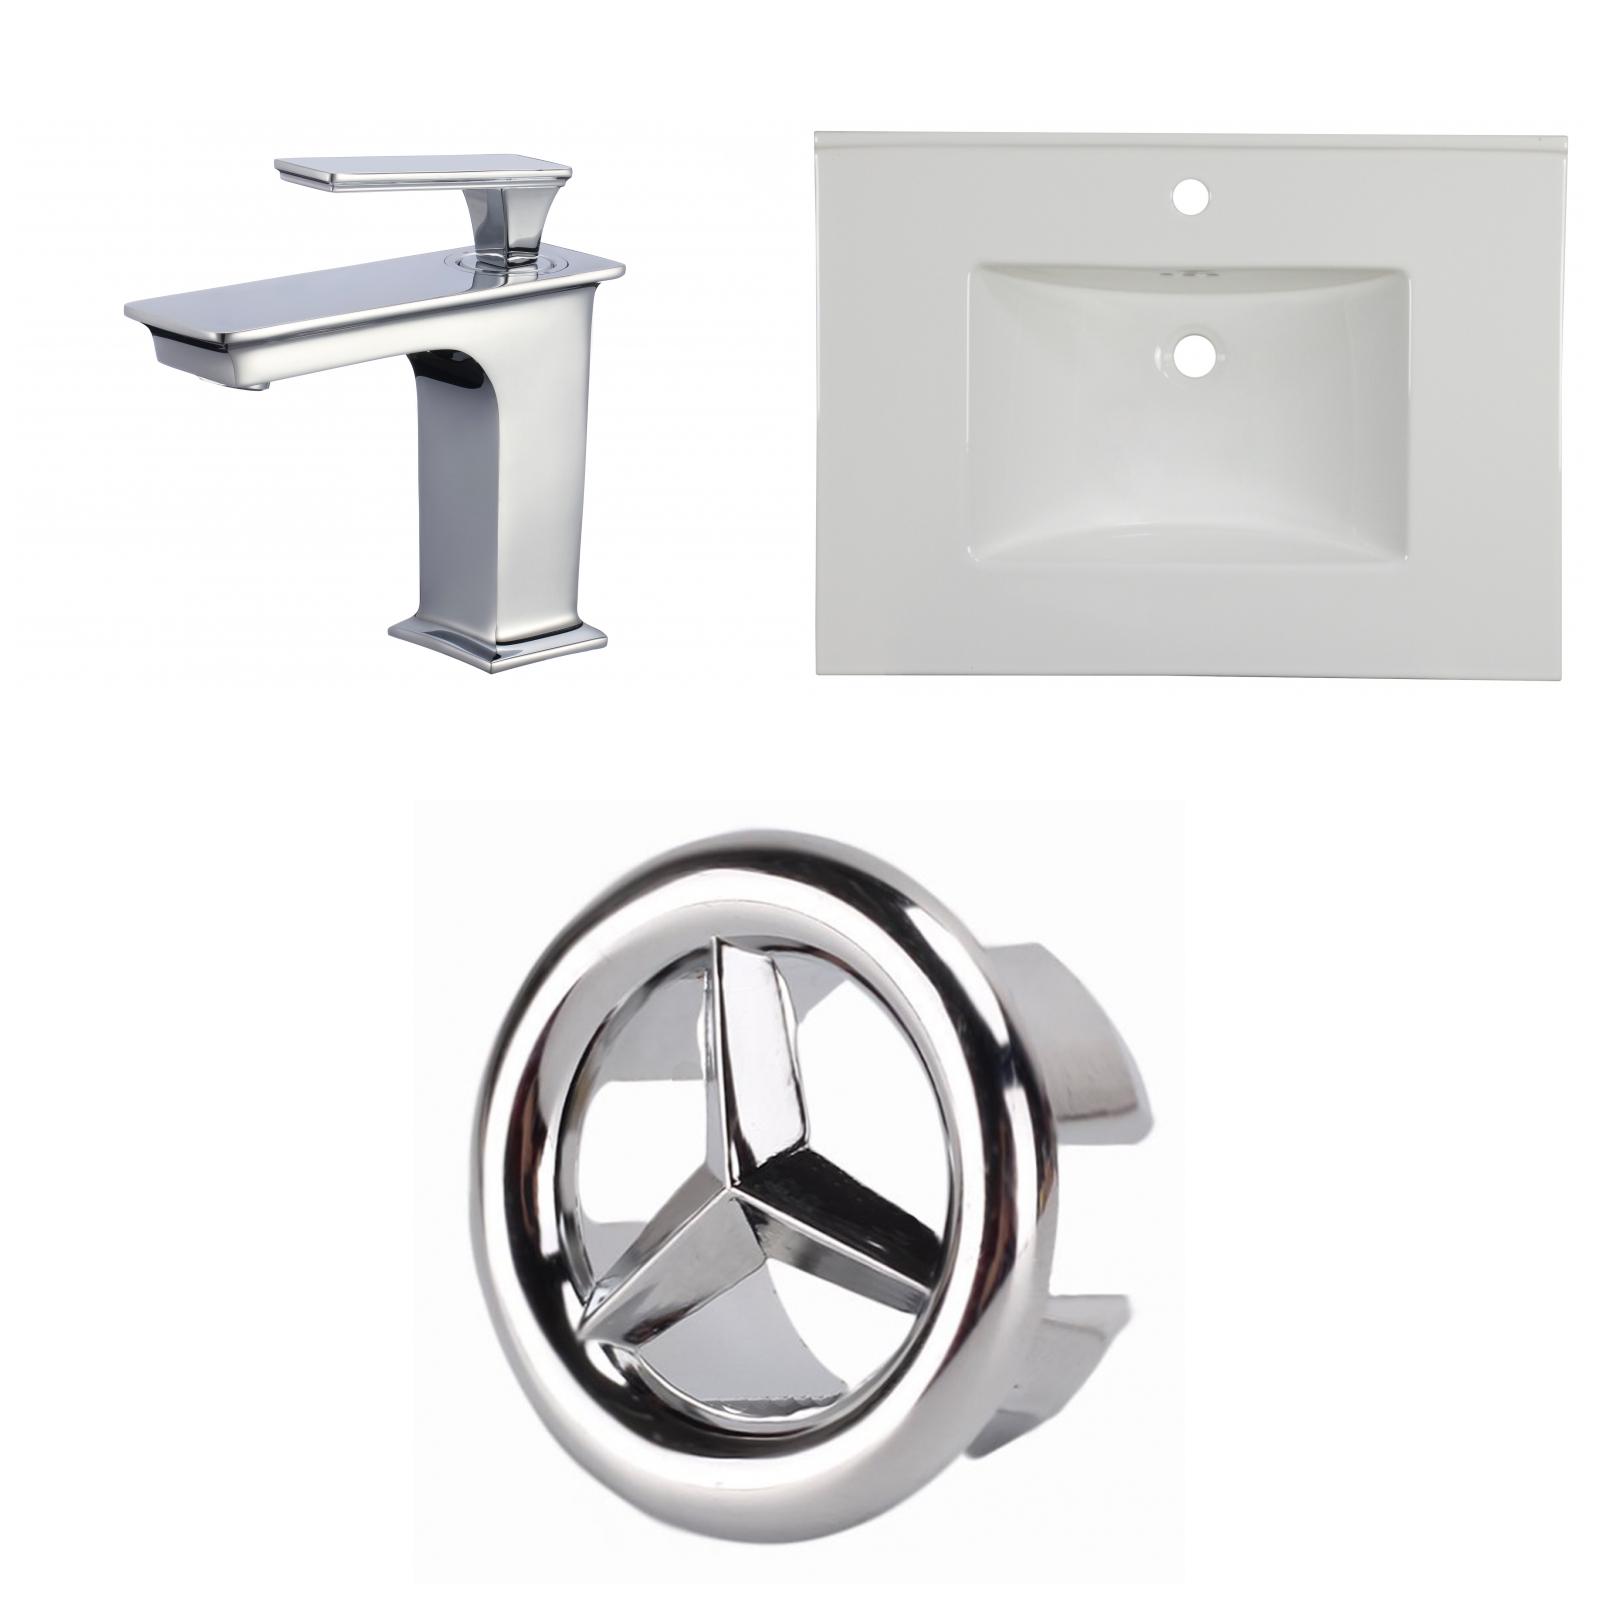 Vanities - Faucets - Bathroom Accessories - Vessels - Sinks - Wood ...